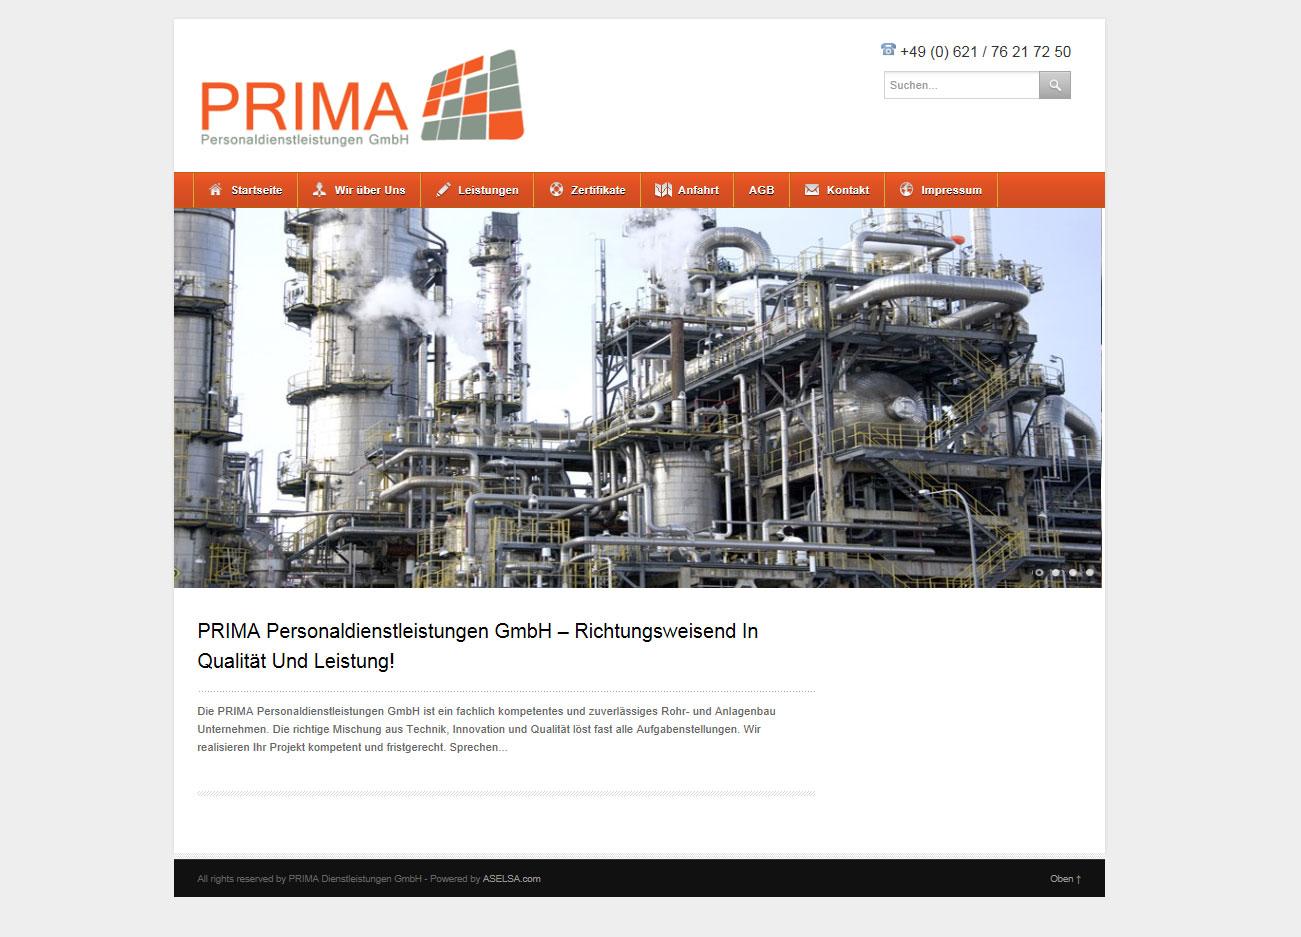 Prima Personaldienstleistungen GmbH